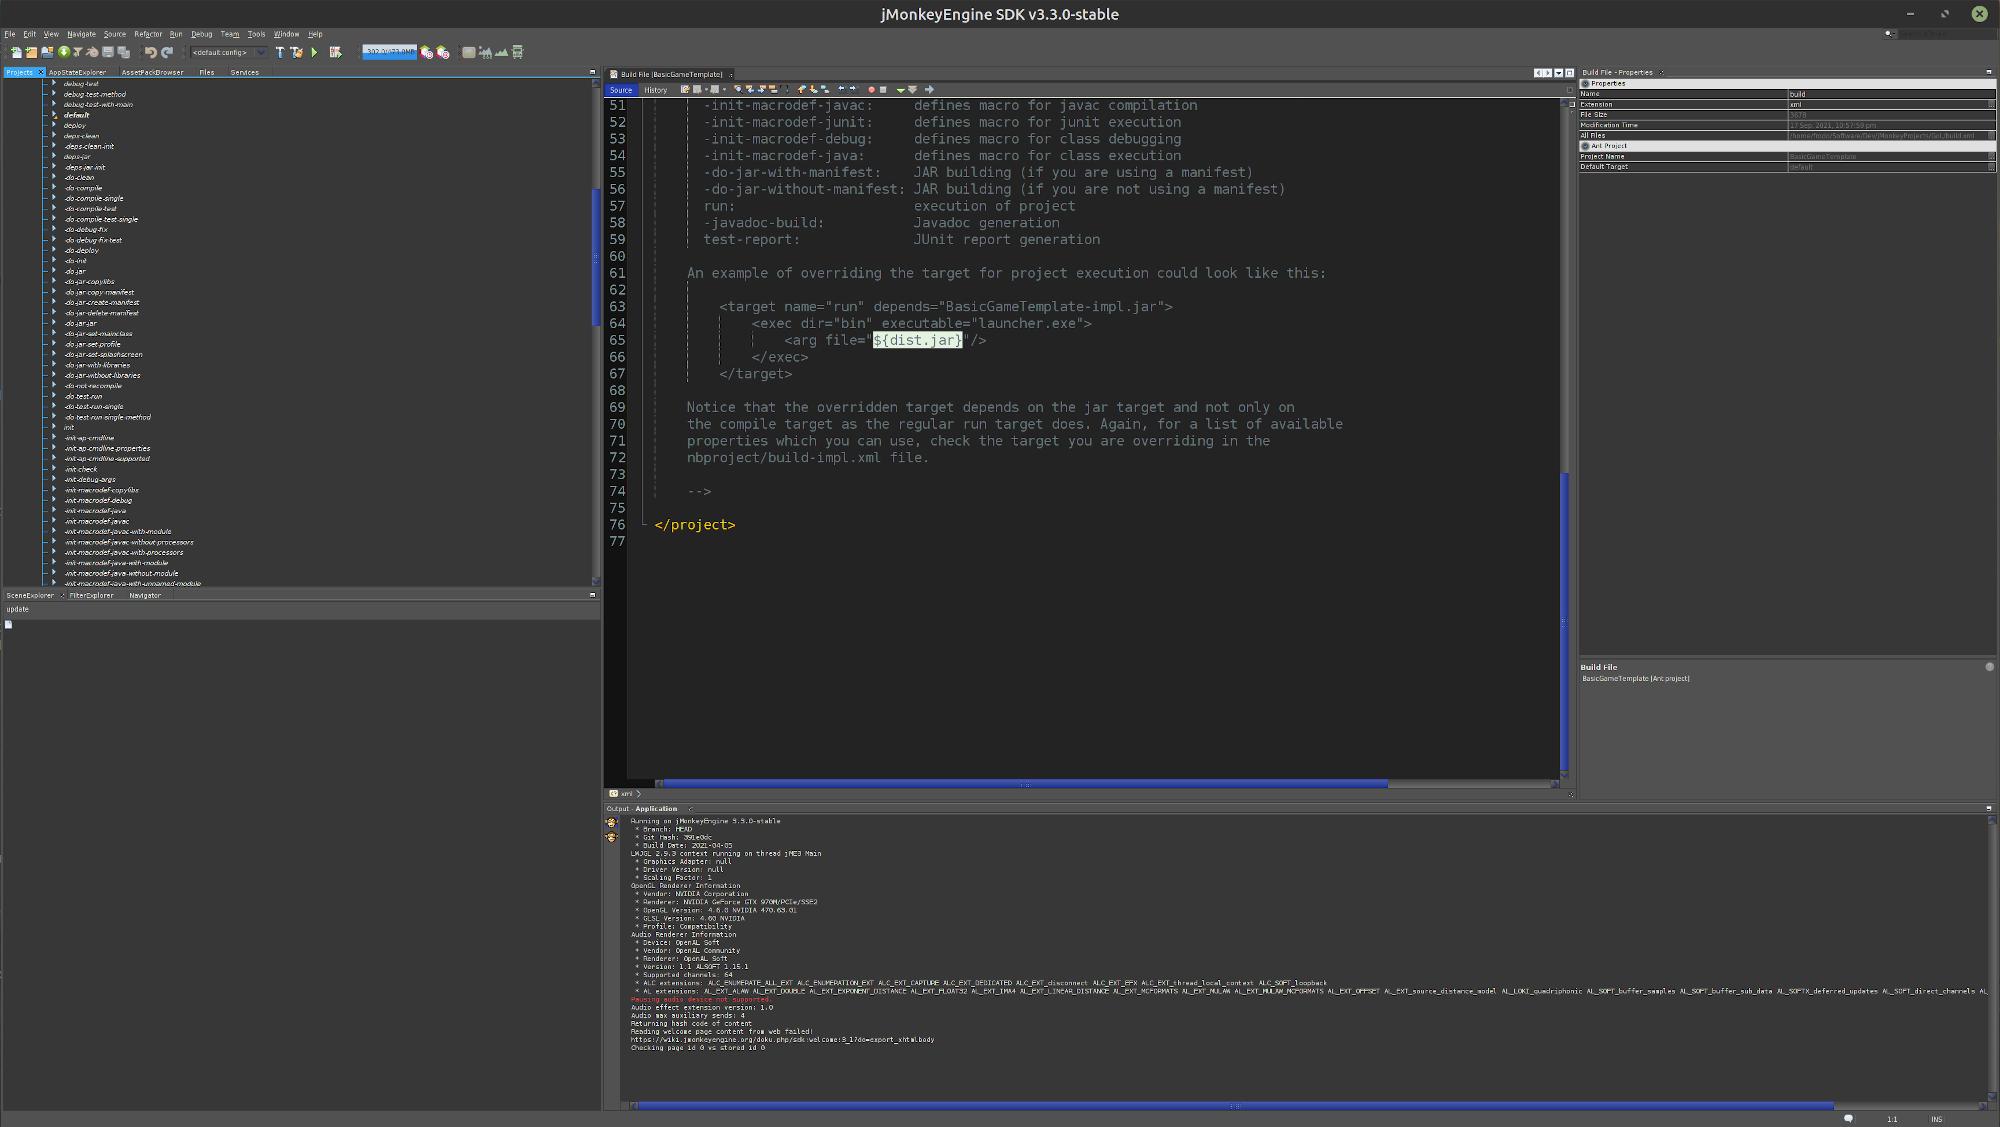 Screenshot from 2021-09-17 23-04-57